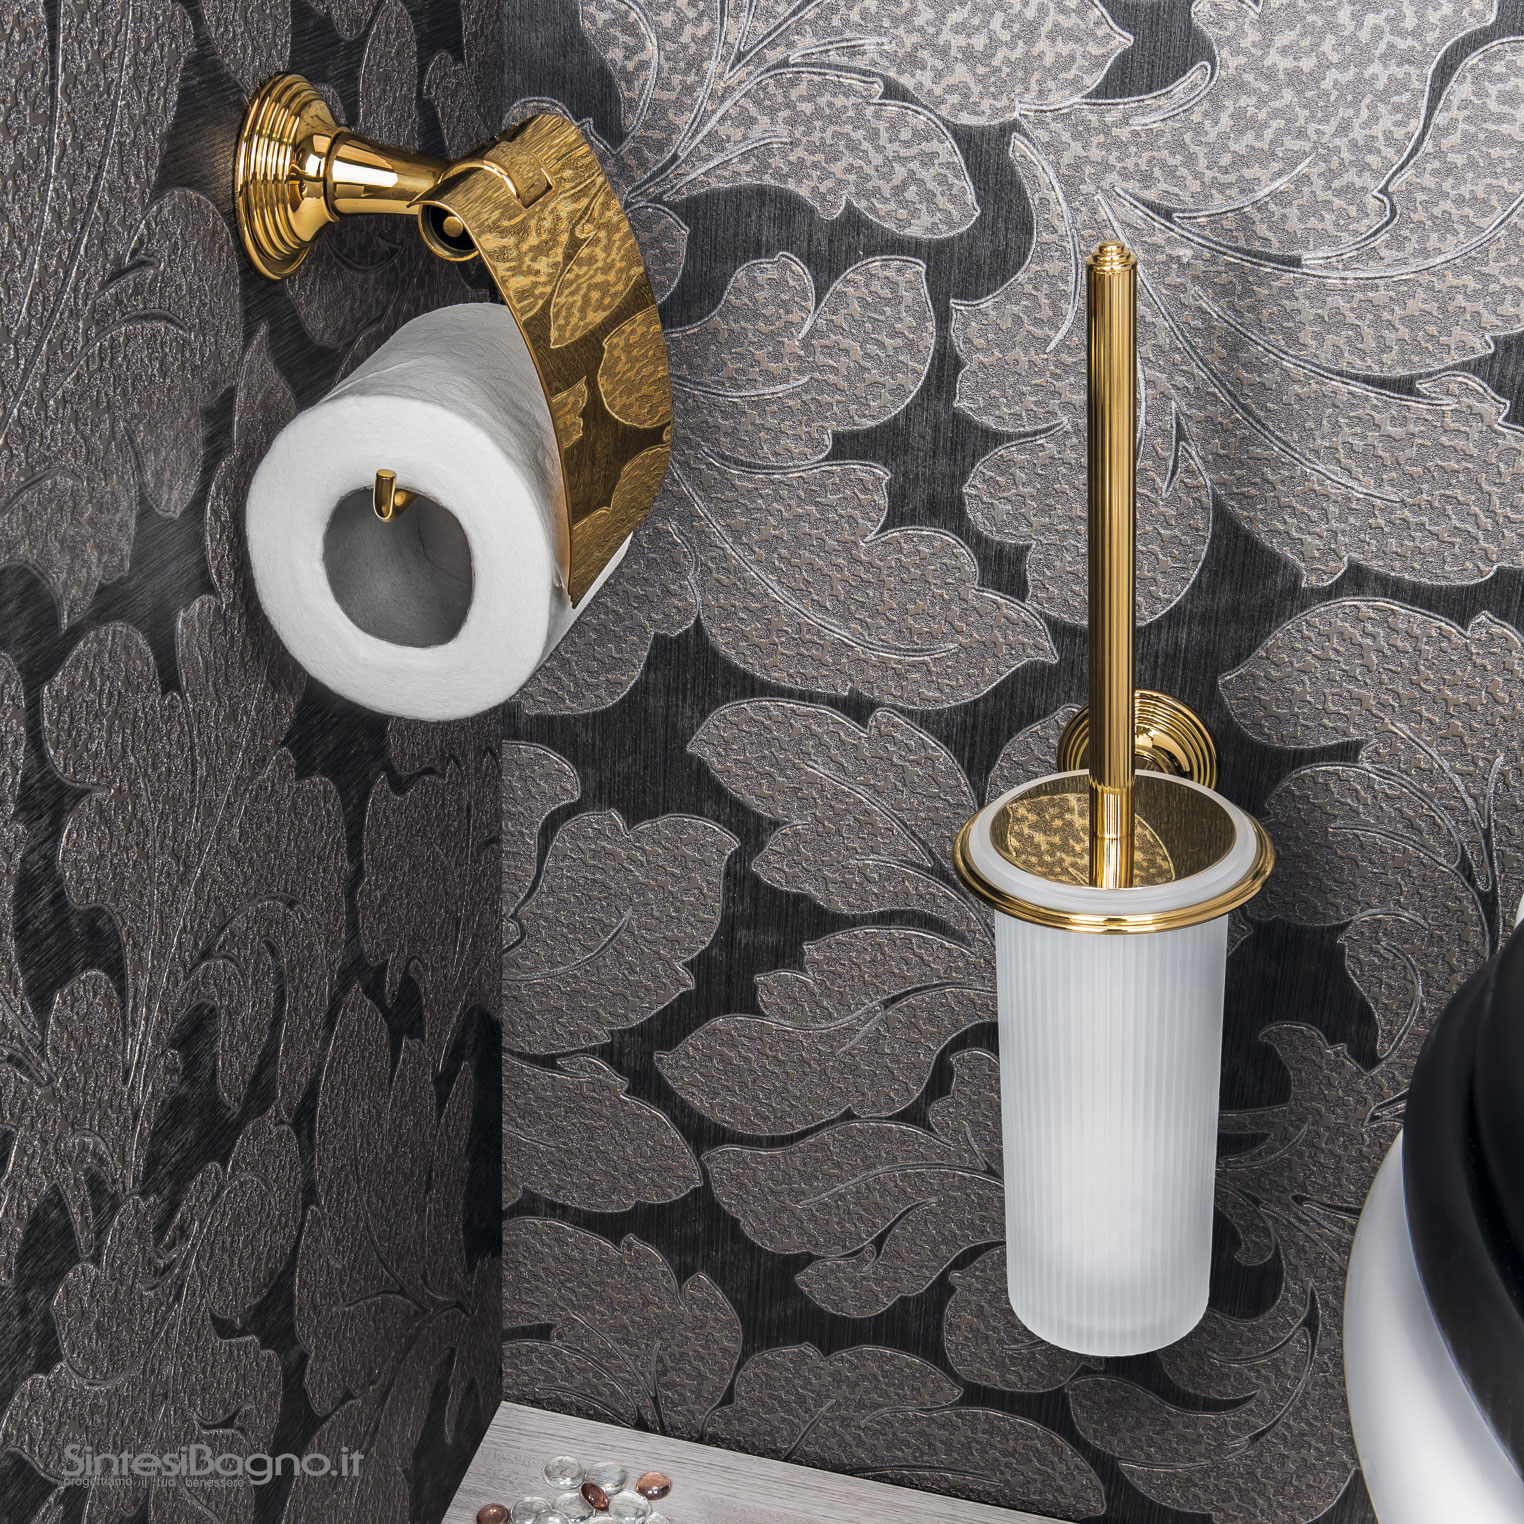 accessori-bagno-colombo-serie-hermitage-sintesibagno_ambient13